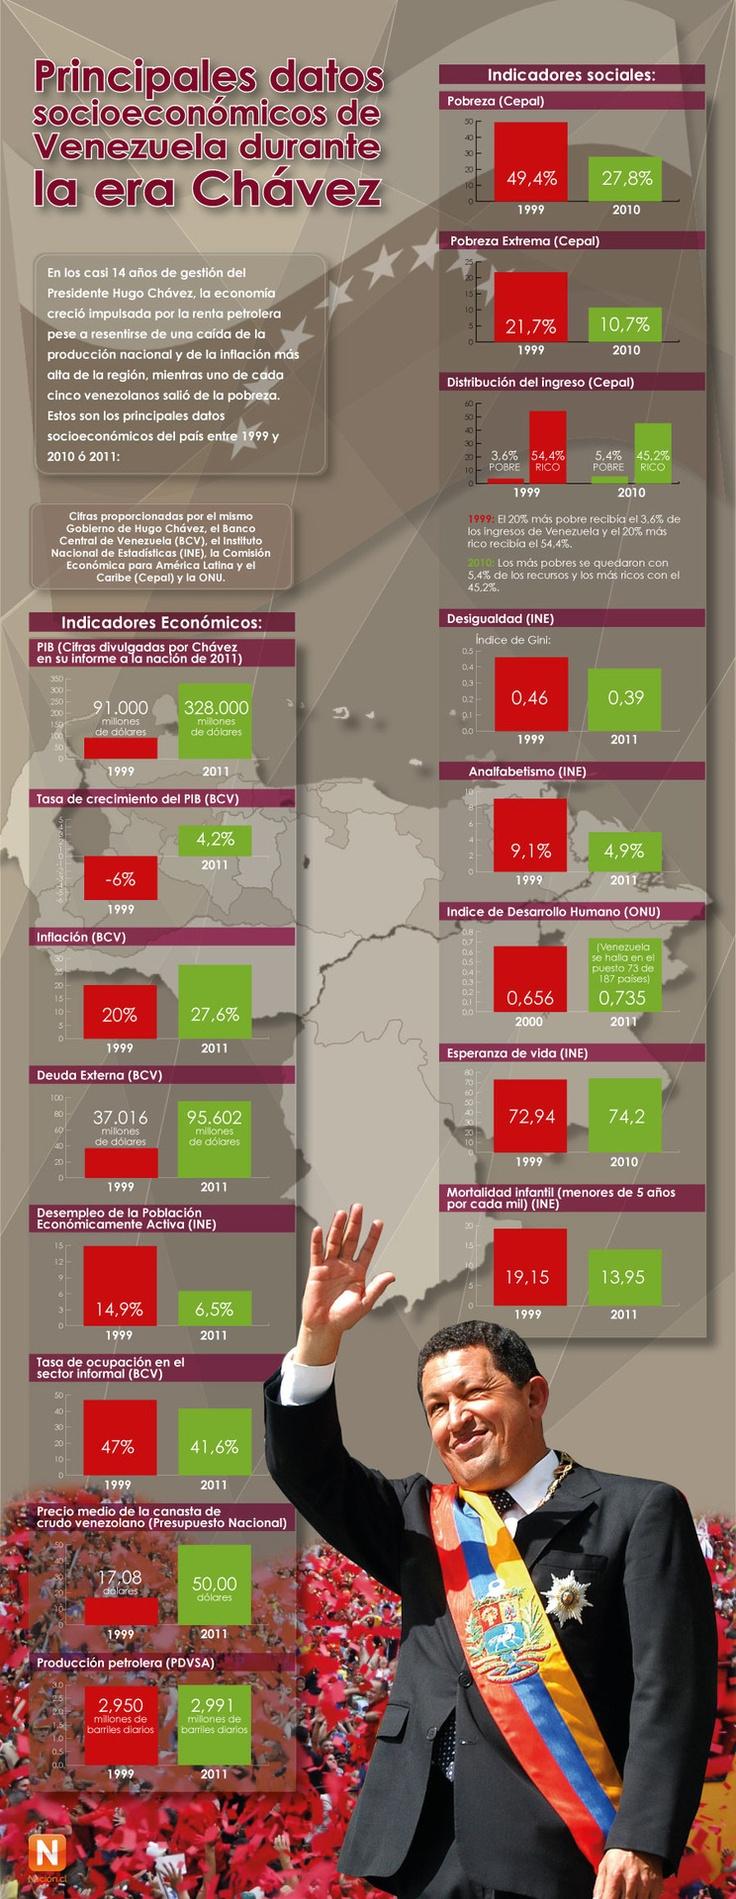 Principales datos socioeconómicos de Venezuela durante la era Chávez